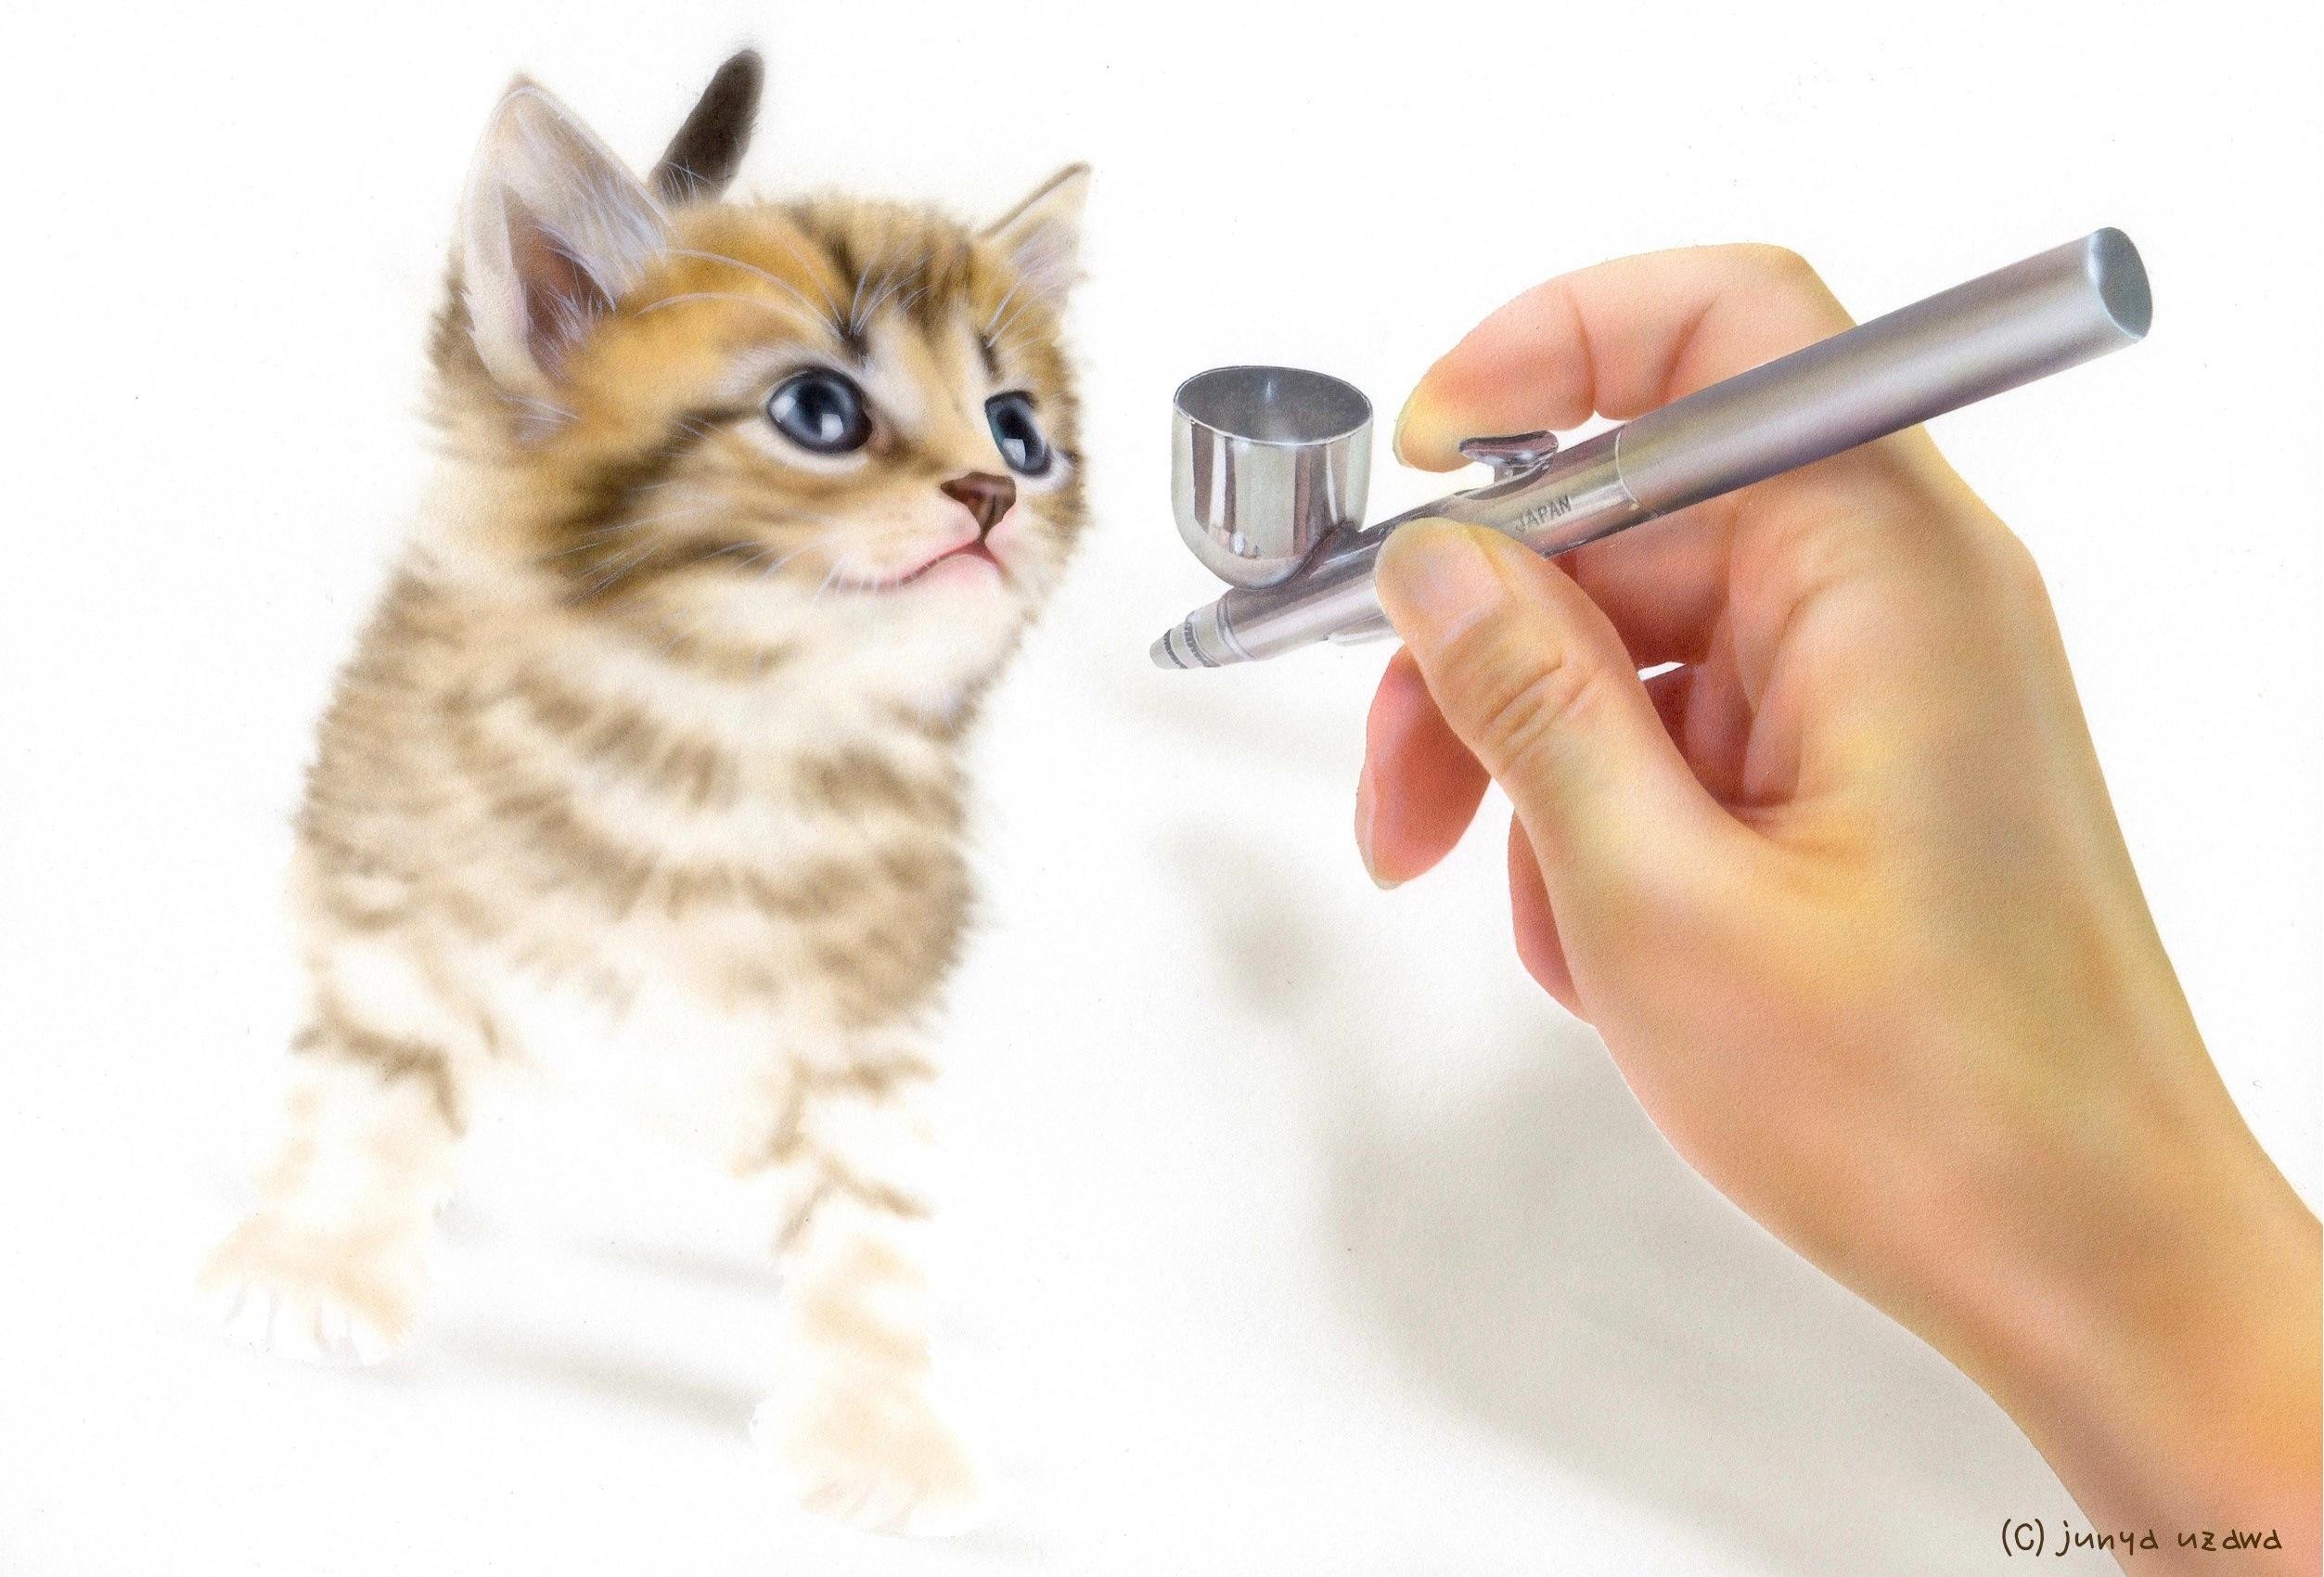 リアリズム絵画/動物の絵(動物イラスト)/子猫の絵/making